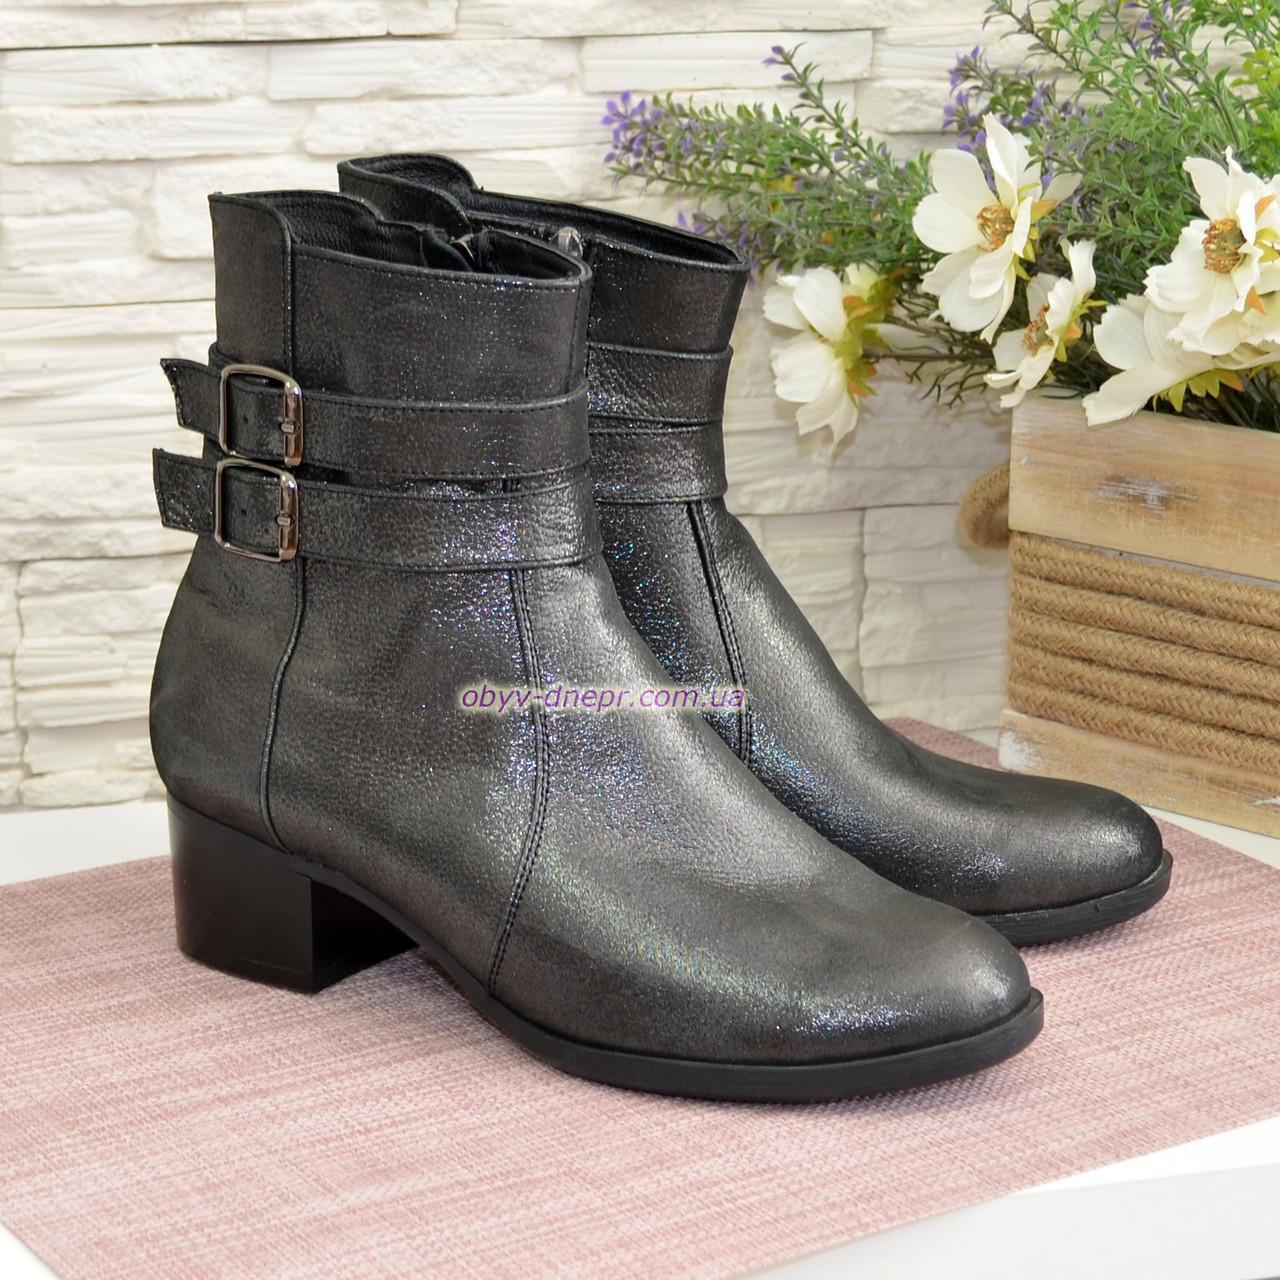 Ботинки кожаные зимние на невысоком каблуке, декорированы ремешками